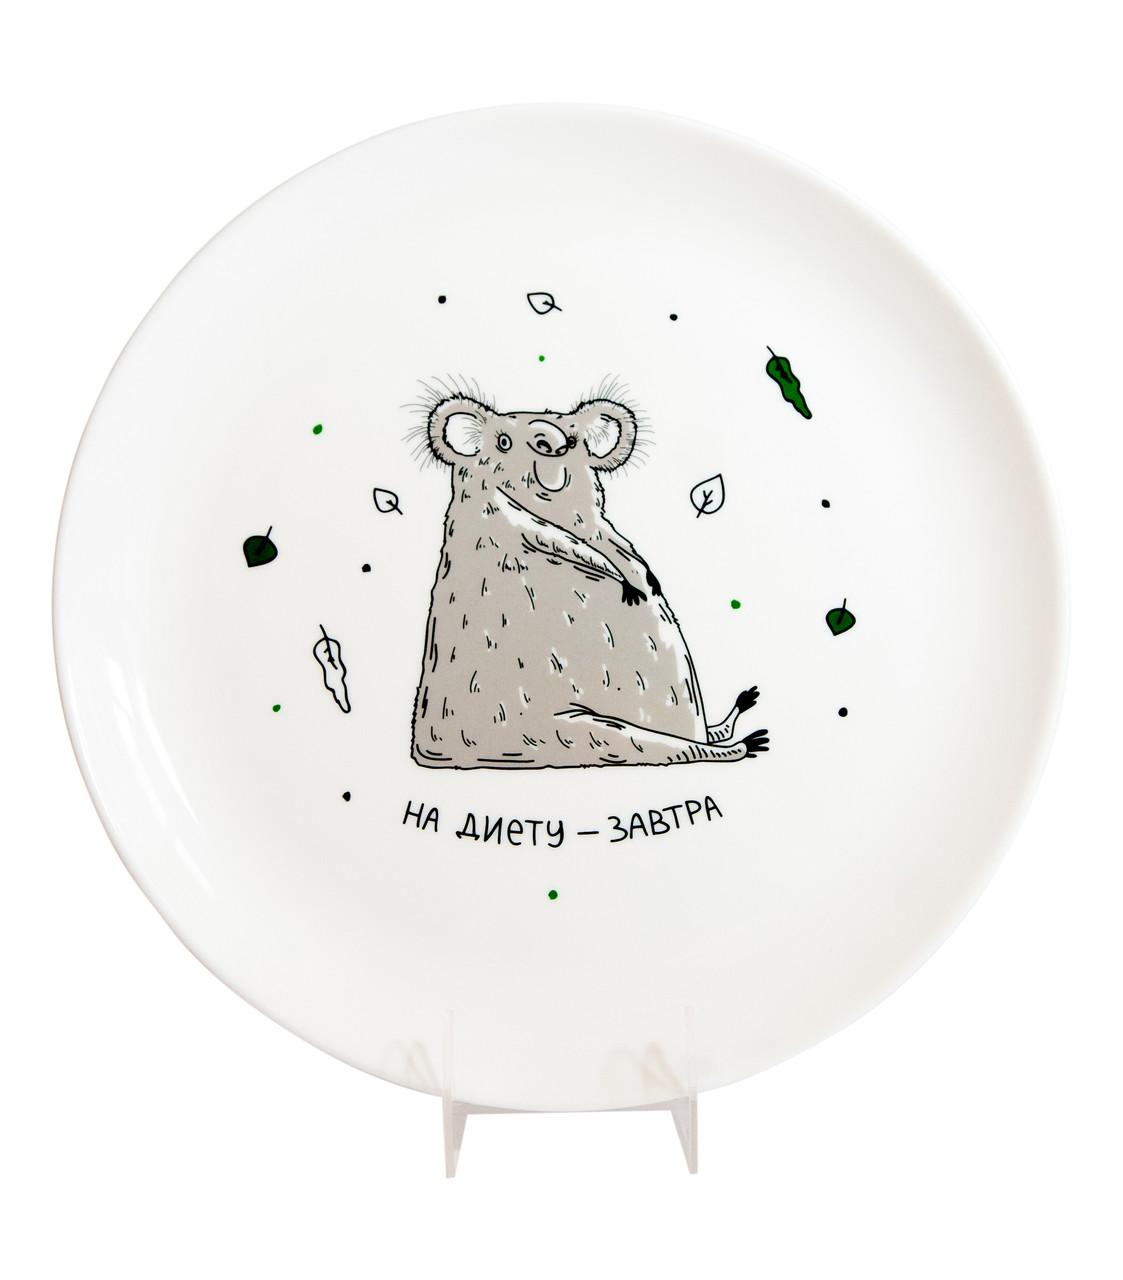 """Дизайнерская тарелка """"На диету завтра"""" оригинальный подарок"""